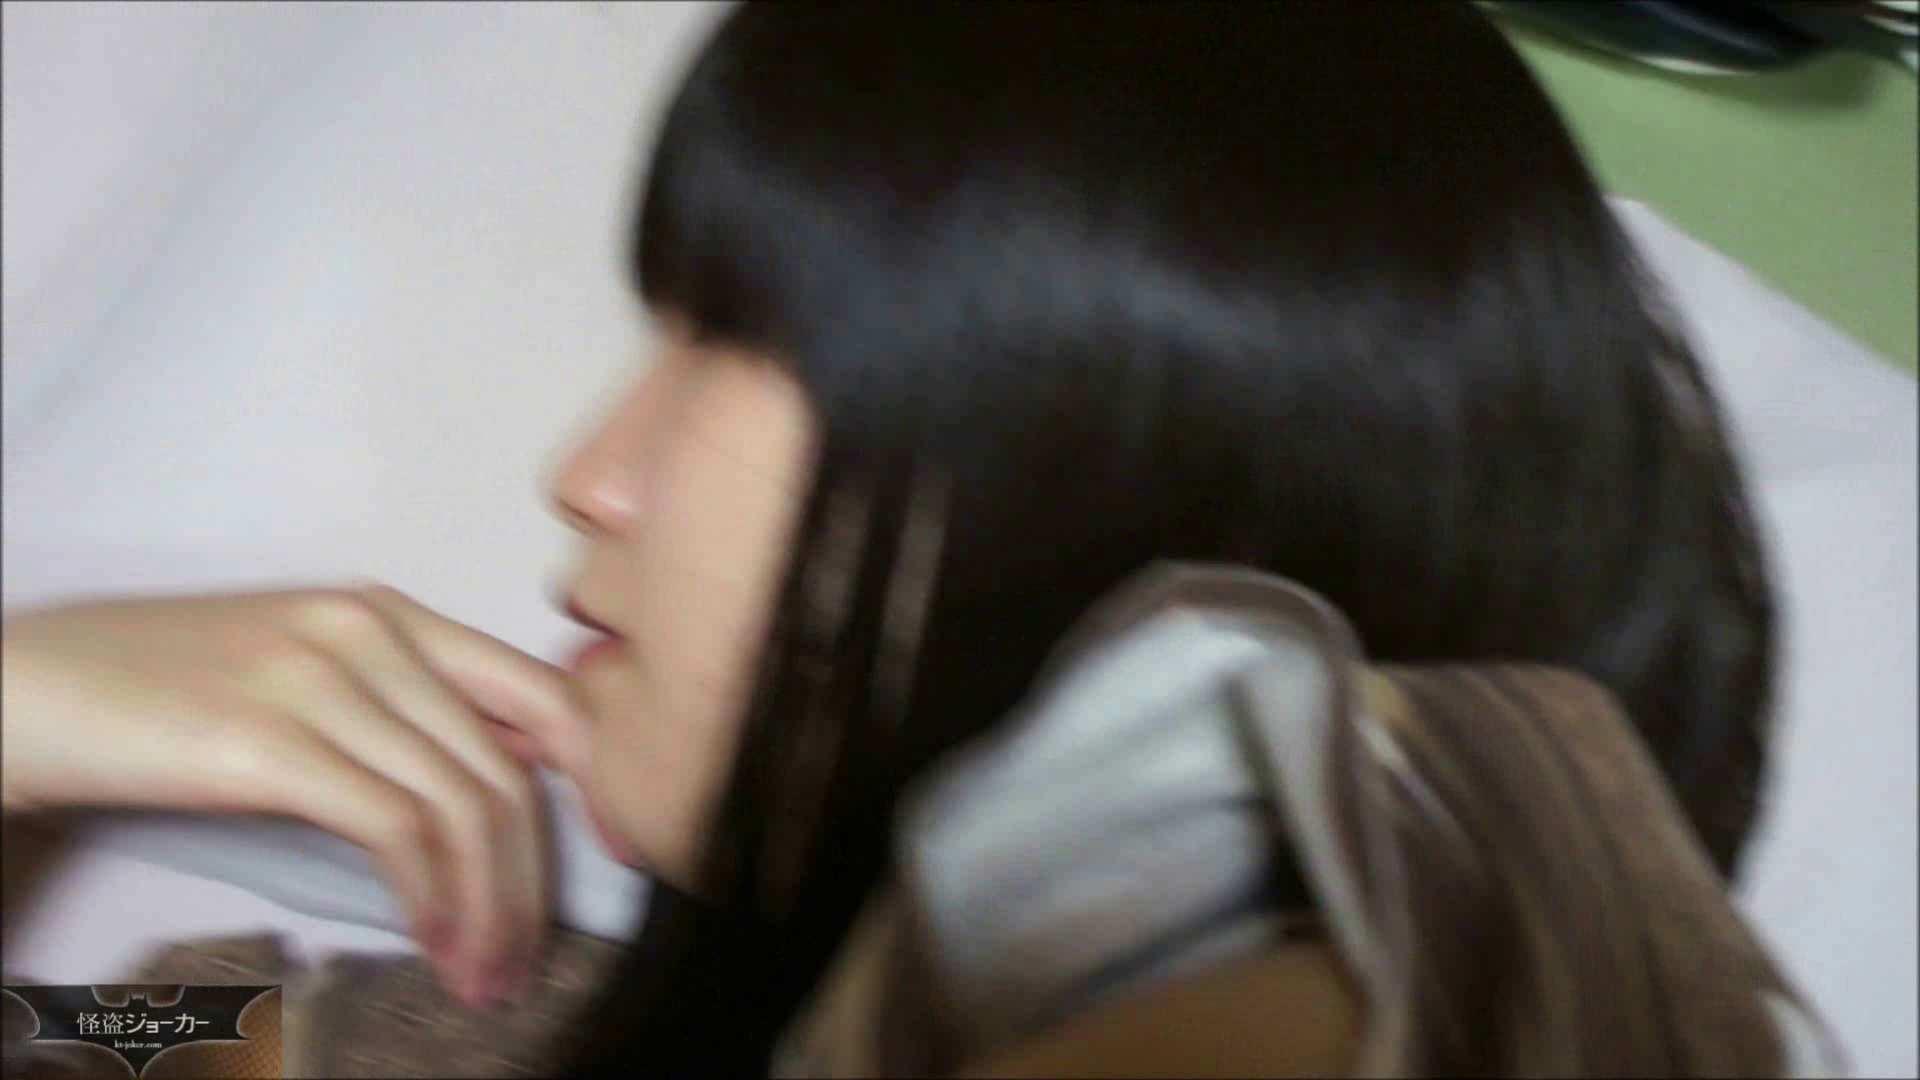 【未公開】vol.28 【前編】旅先で寝乱れ・・・小春。 友人・知人   セックスする女性達  81画像 43